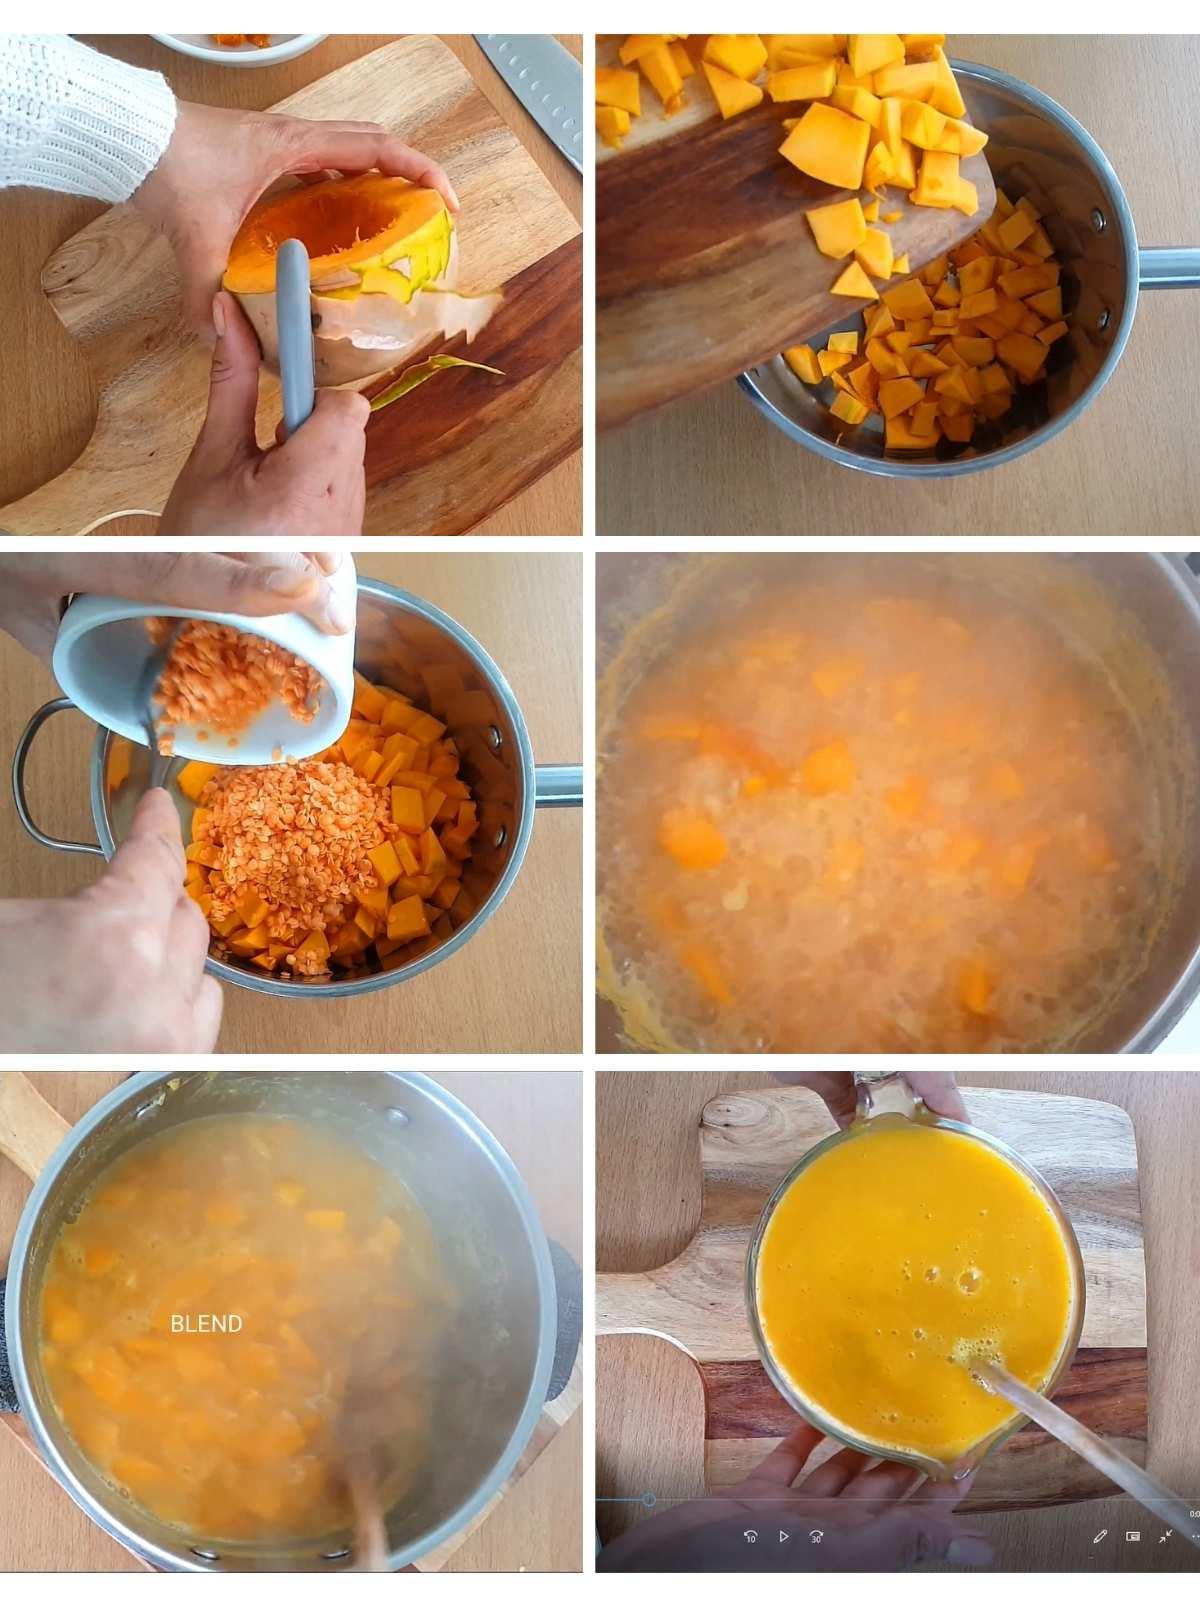 How to make vegan pumpkin sauce procedure